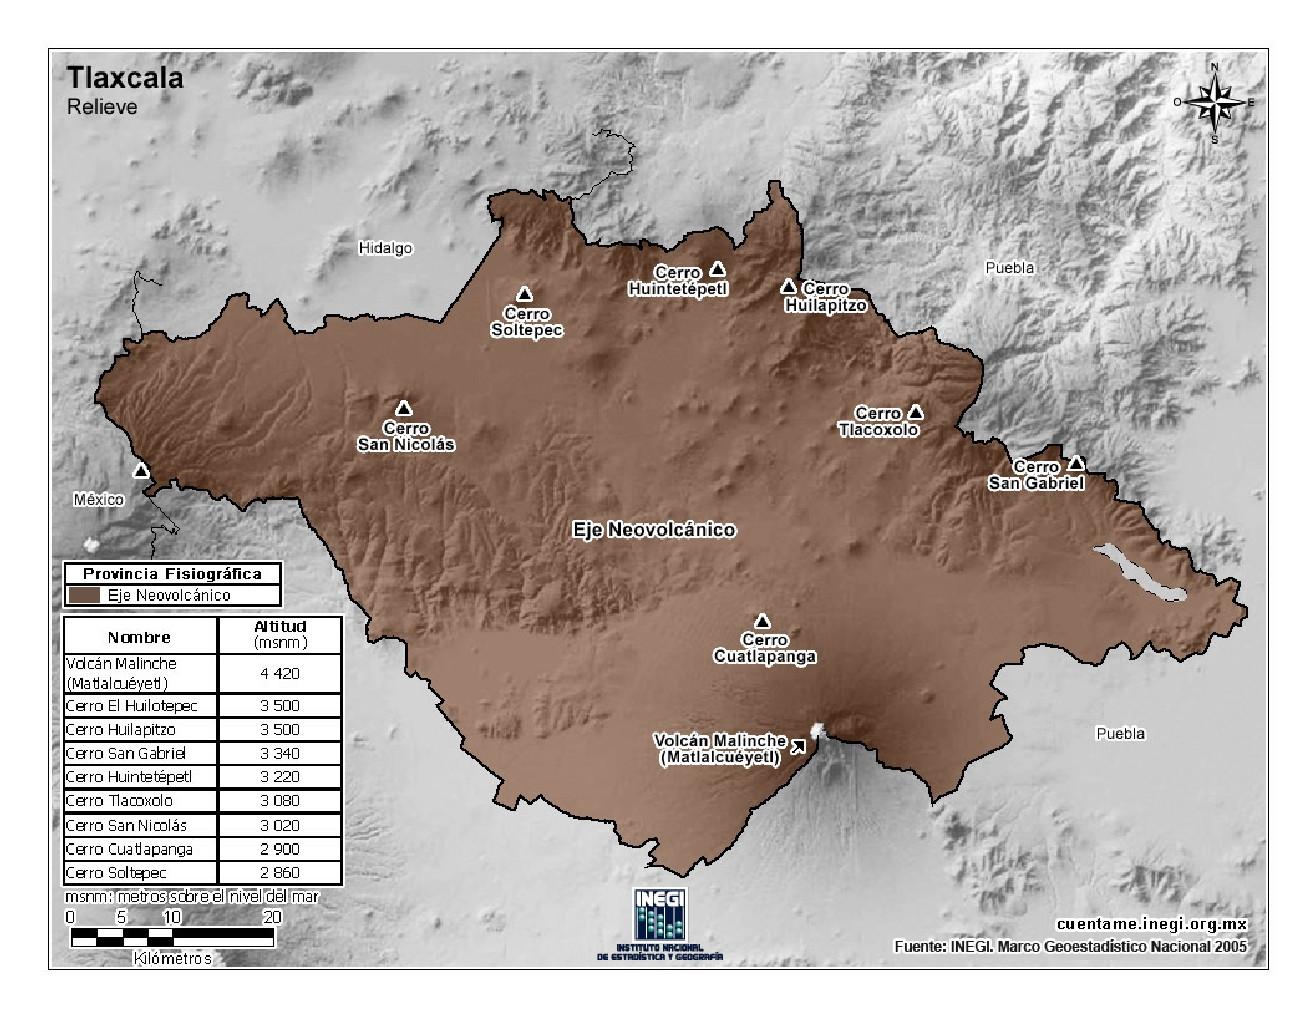 Mapa en color de montañas de Tlaxcala. INEGI de México